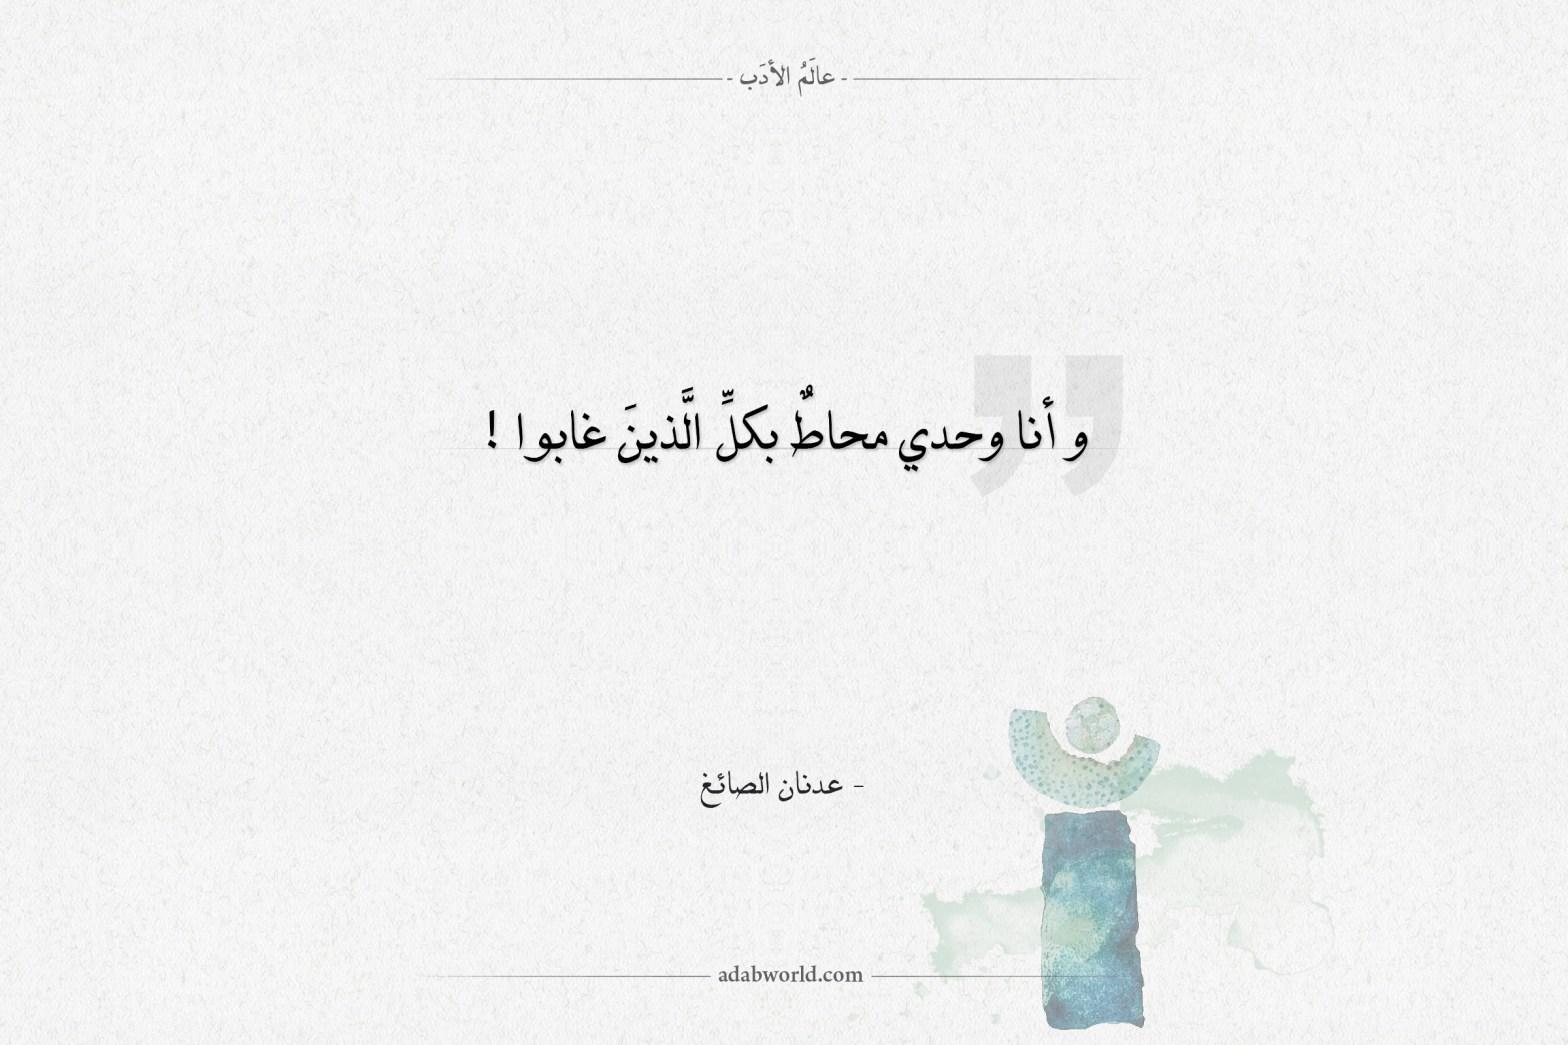 اقتباسات عدنان الصائغ - يسقط الثلج على قلبي